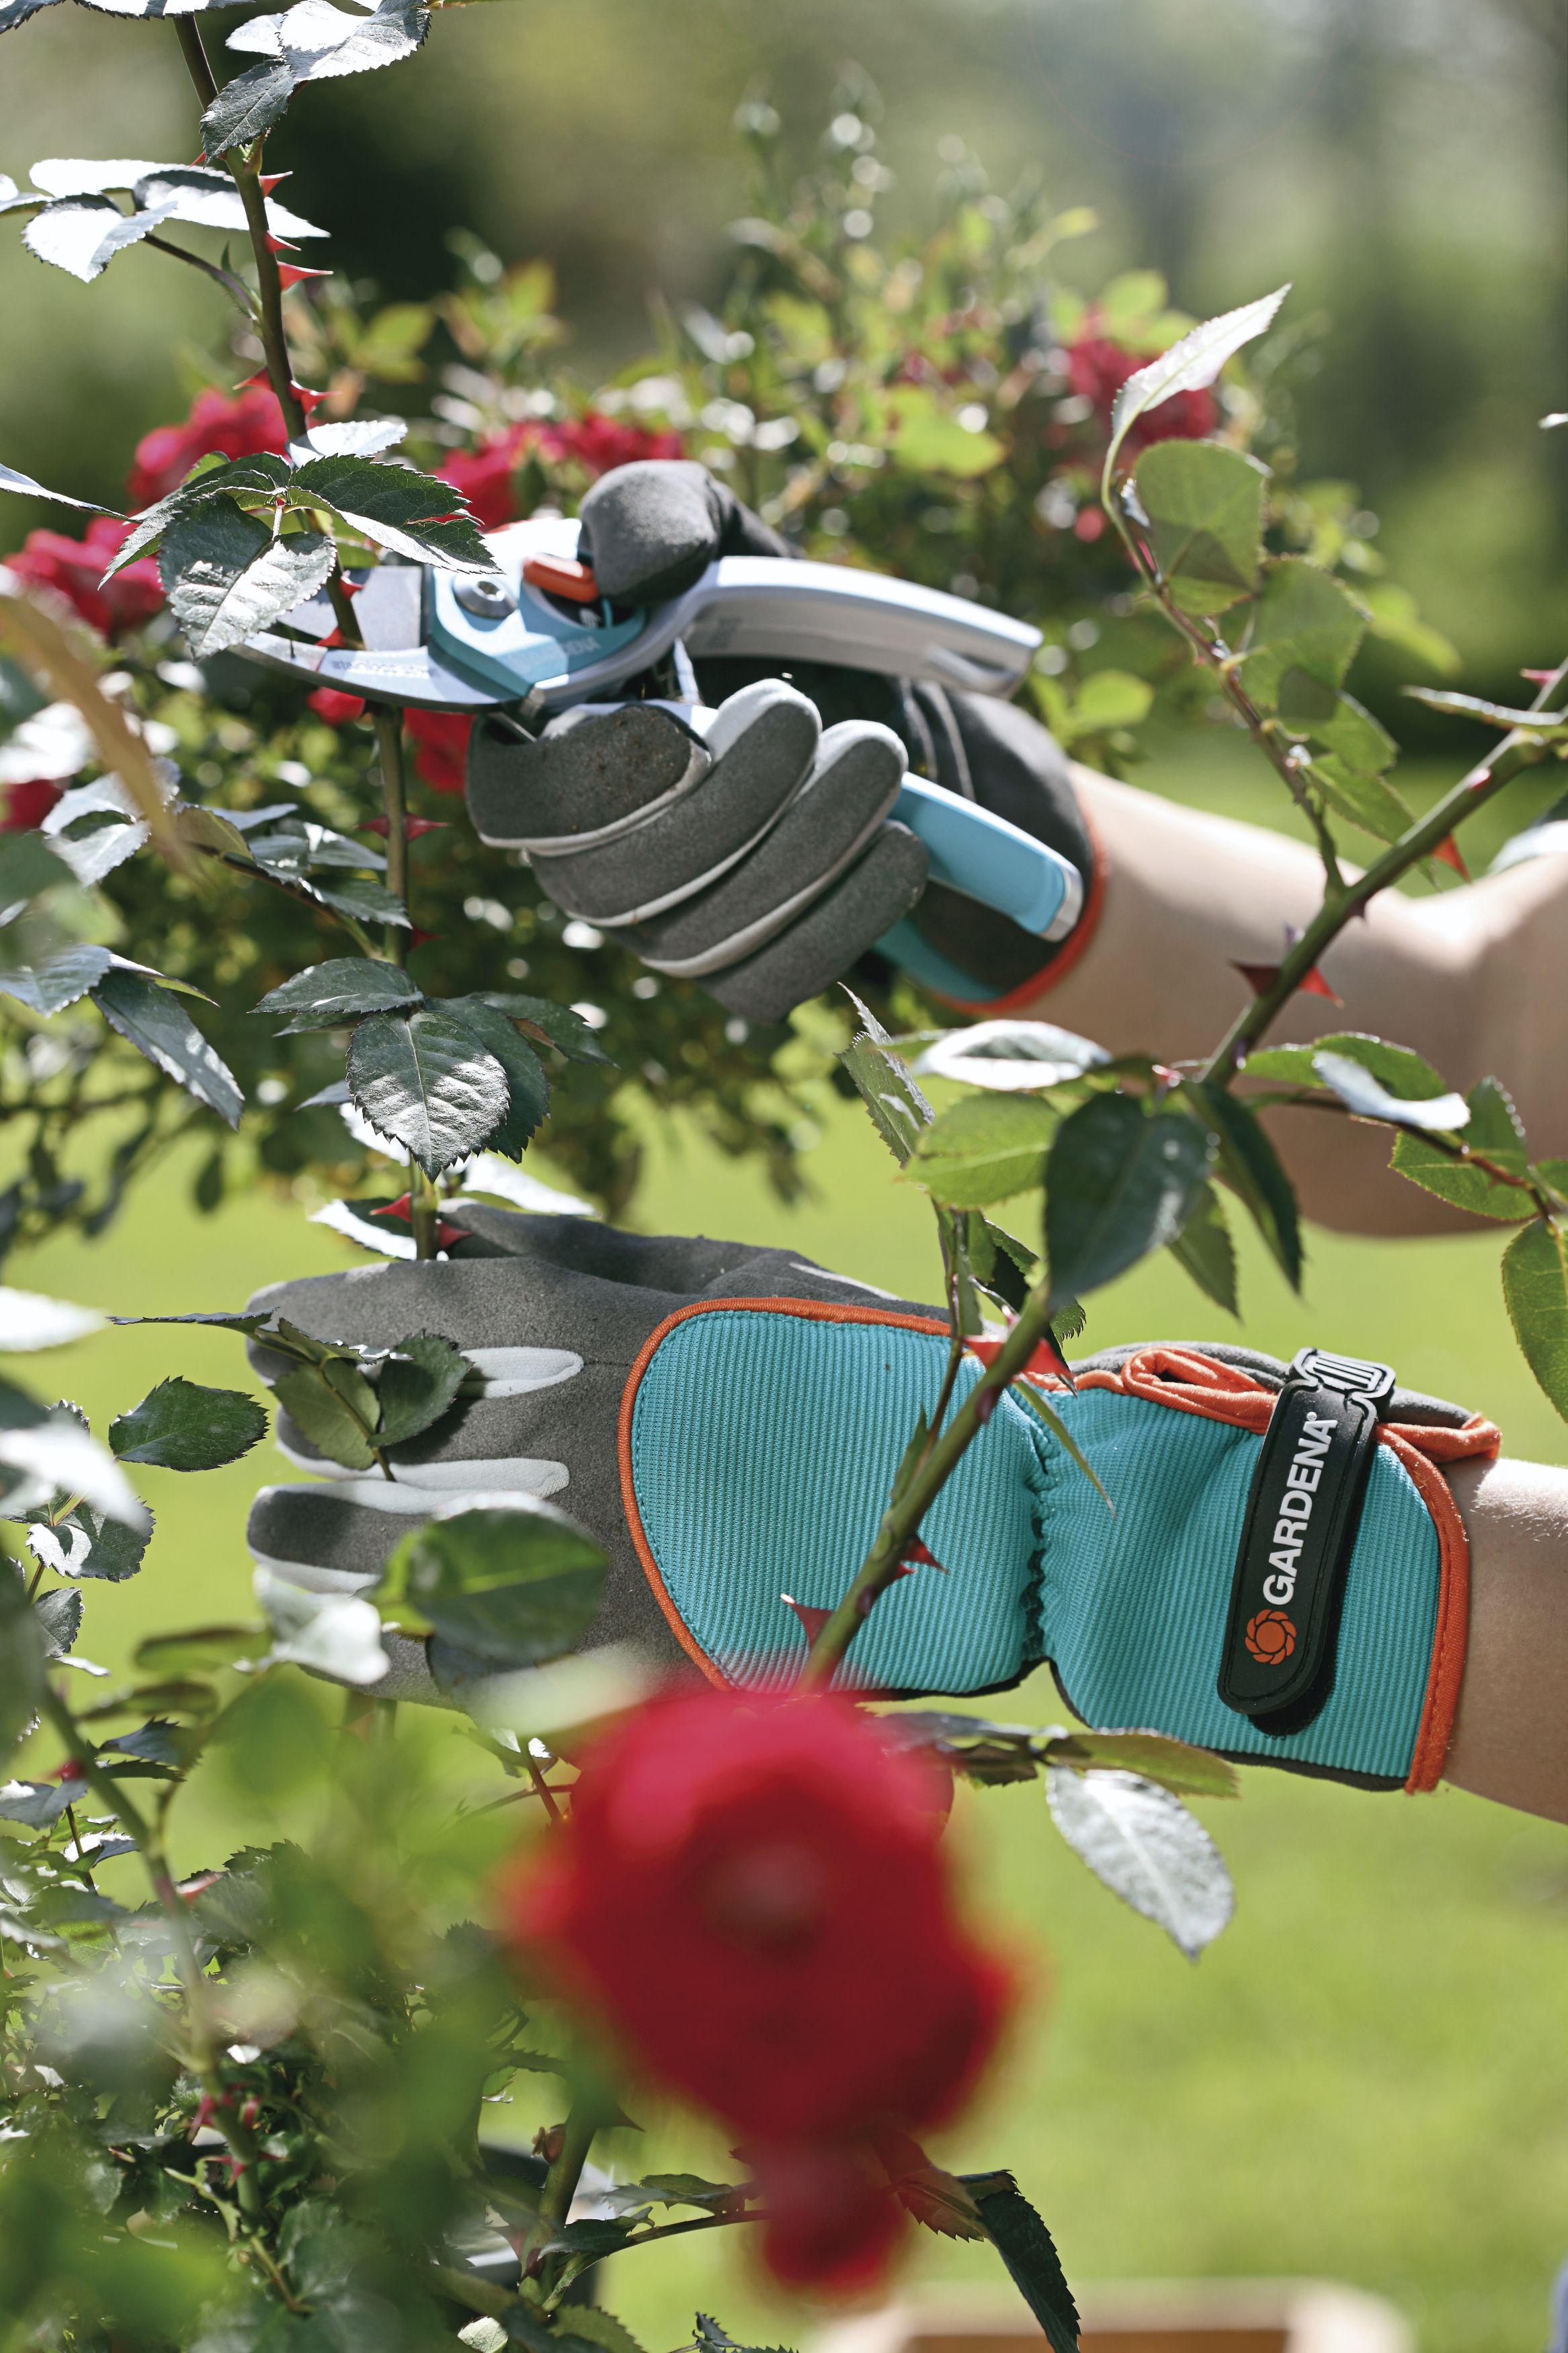 GARDENA Strauchpflegehandschuh / Schutzhandschuh Größe 7 / S 00216-20 Bild 2